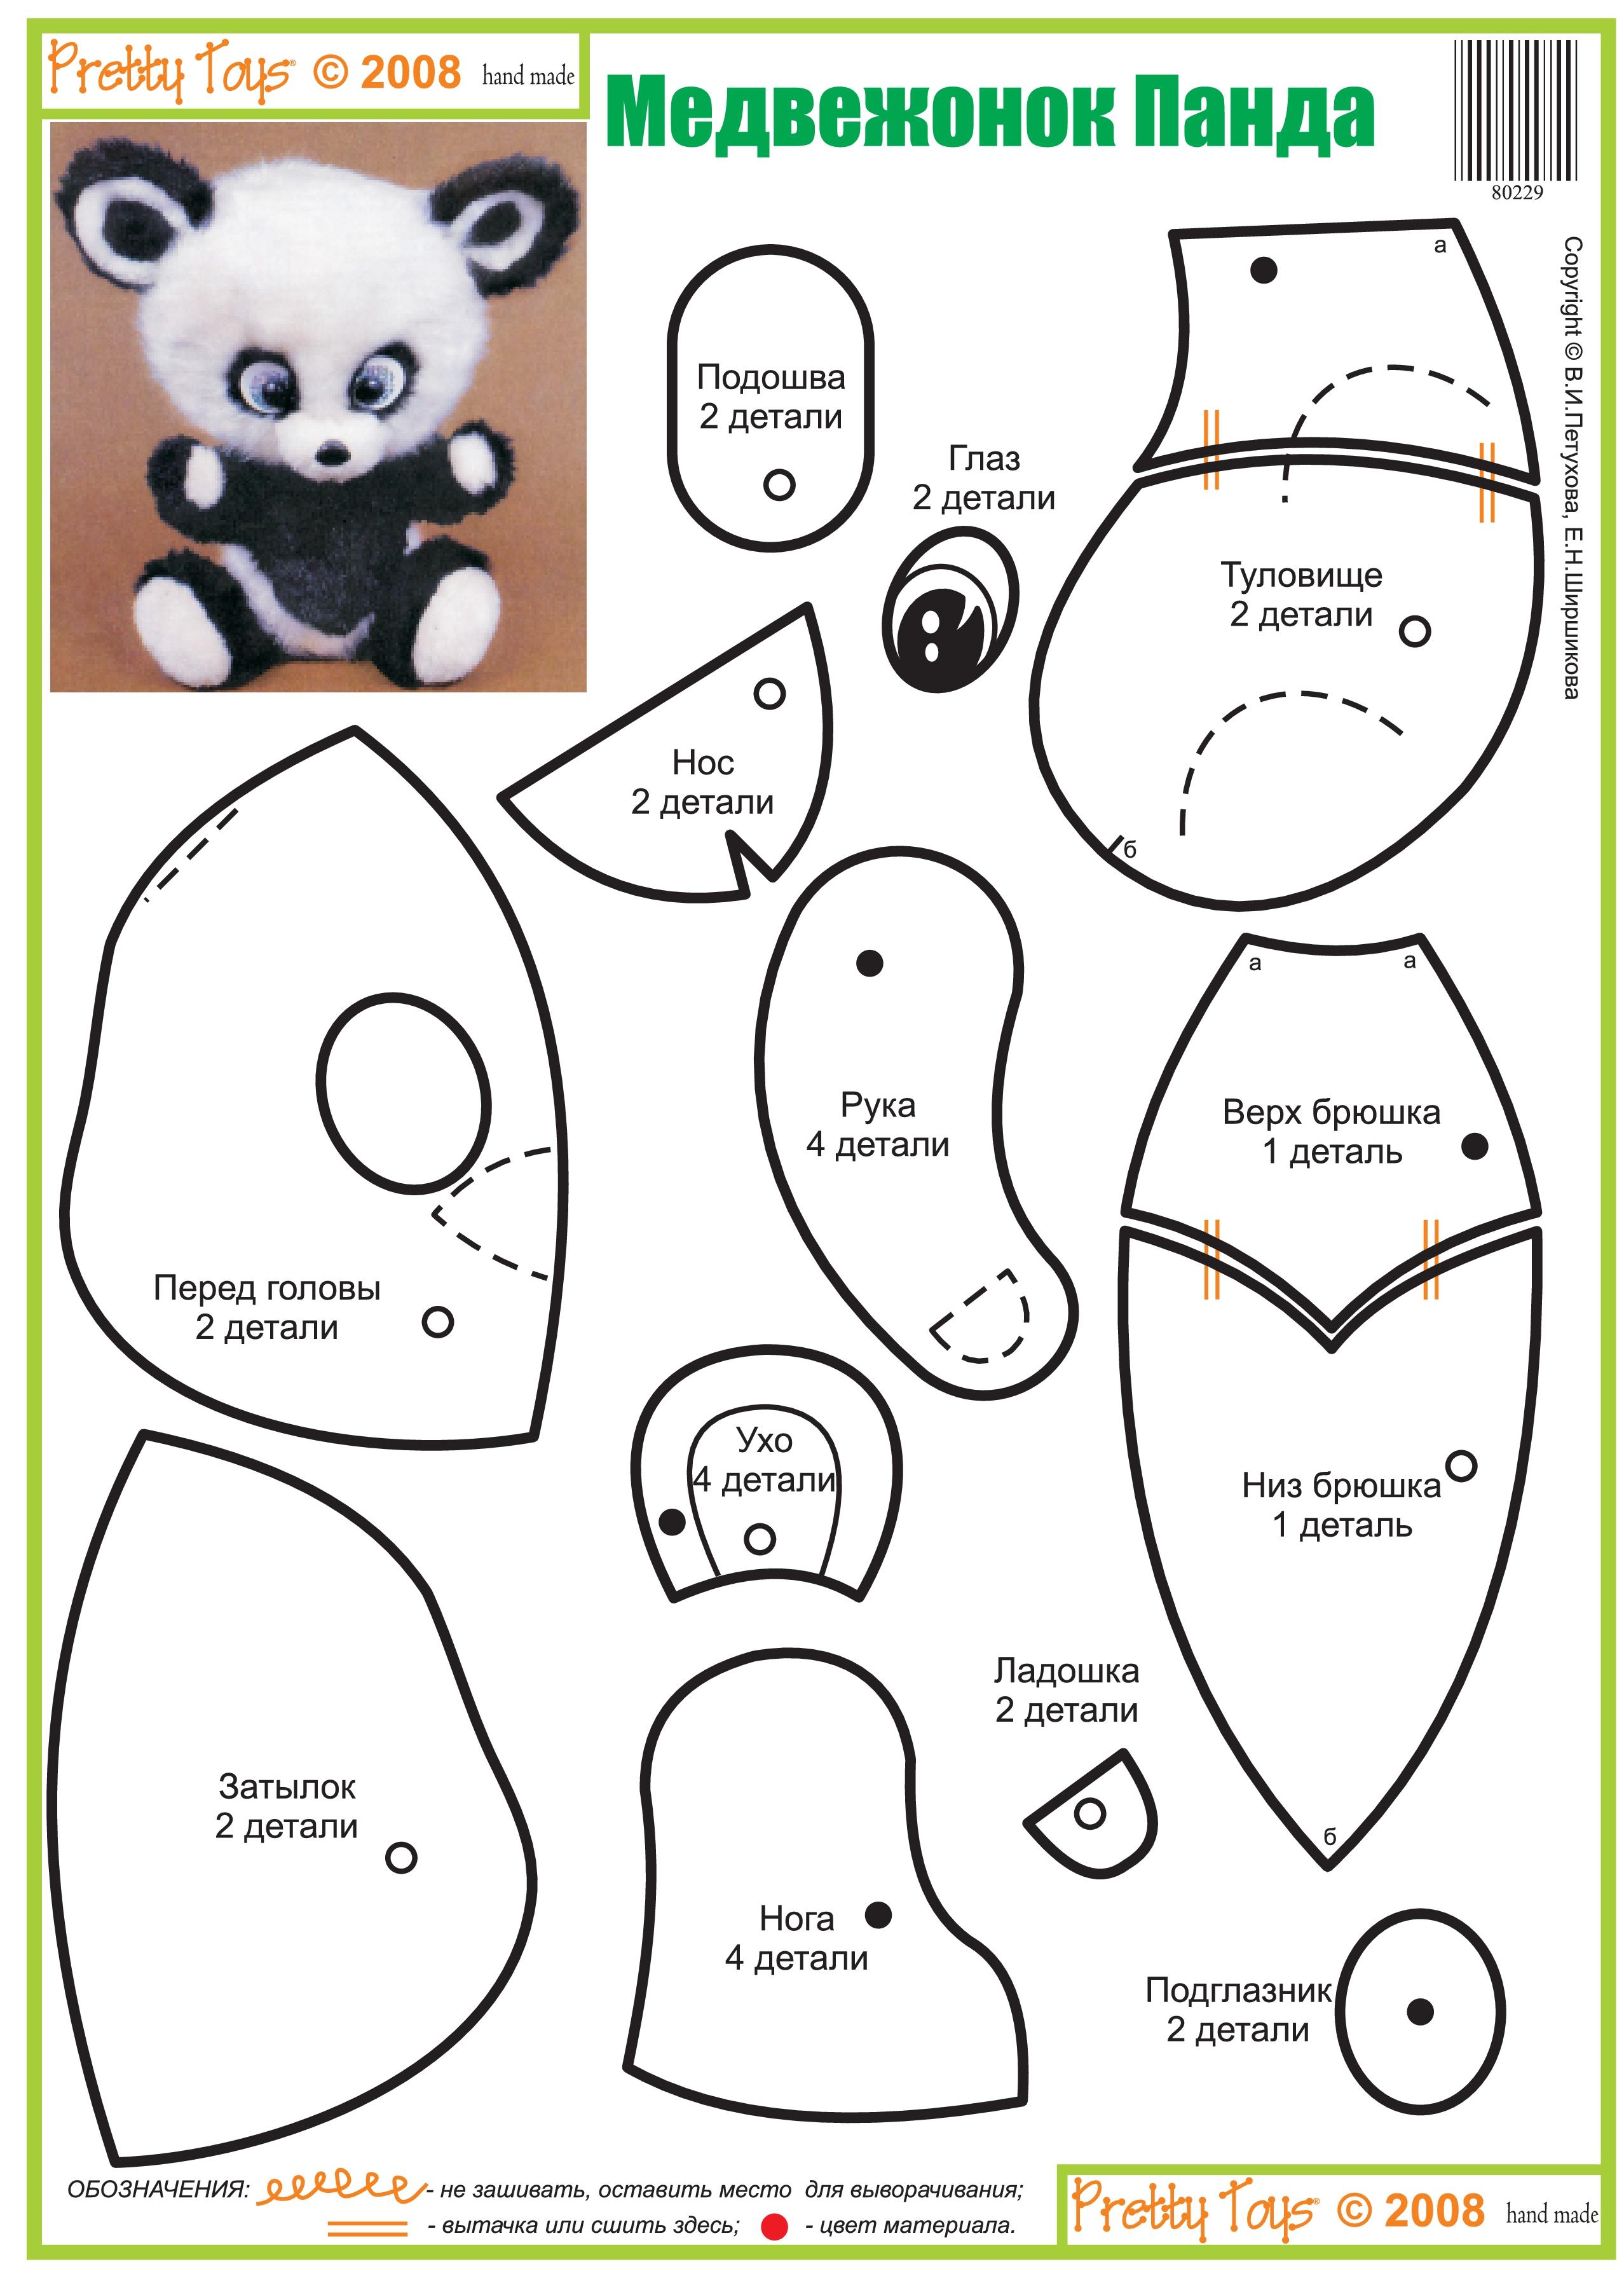 Как сделать выкройку медведя и сшить плюшевую и мягкую игрушку своими 100